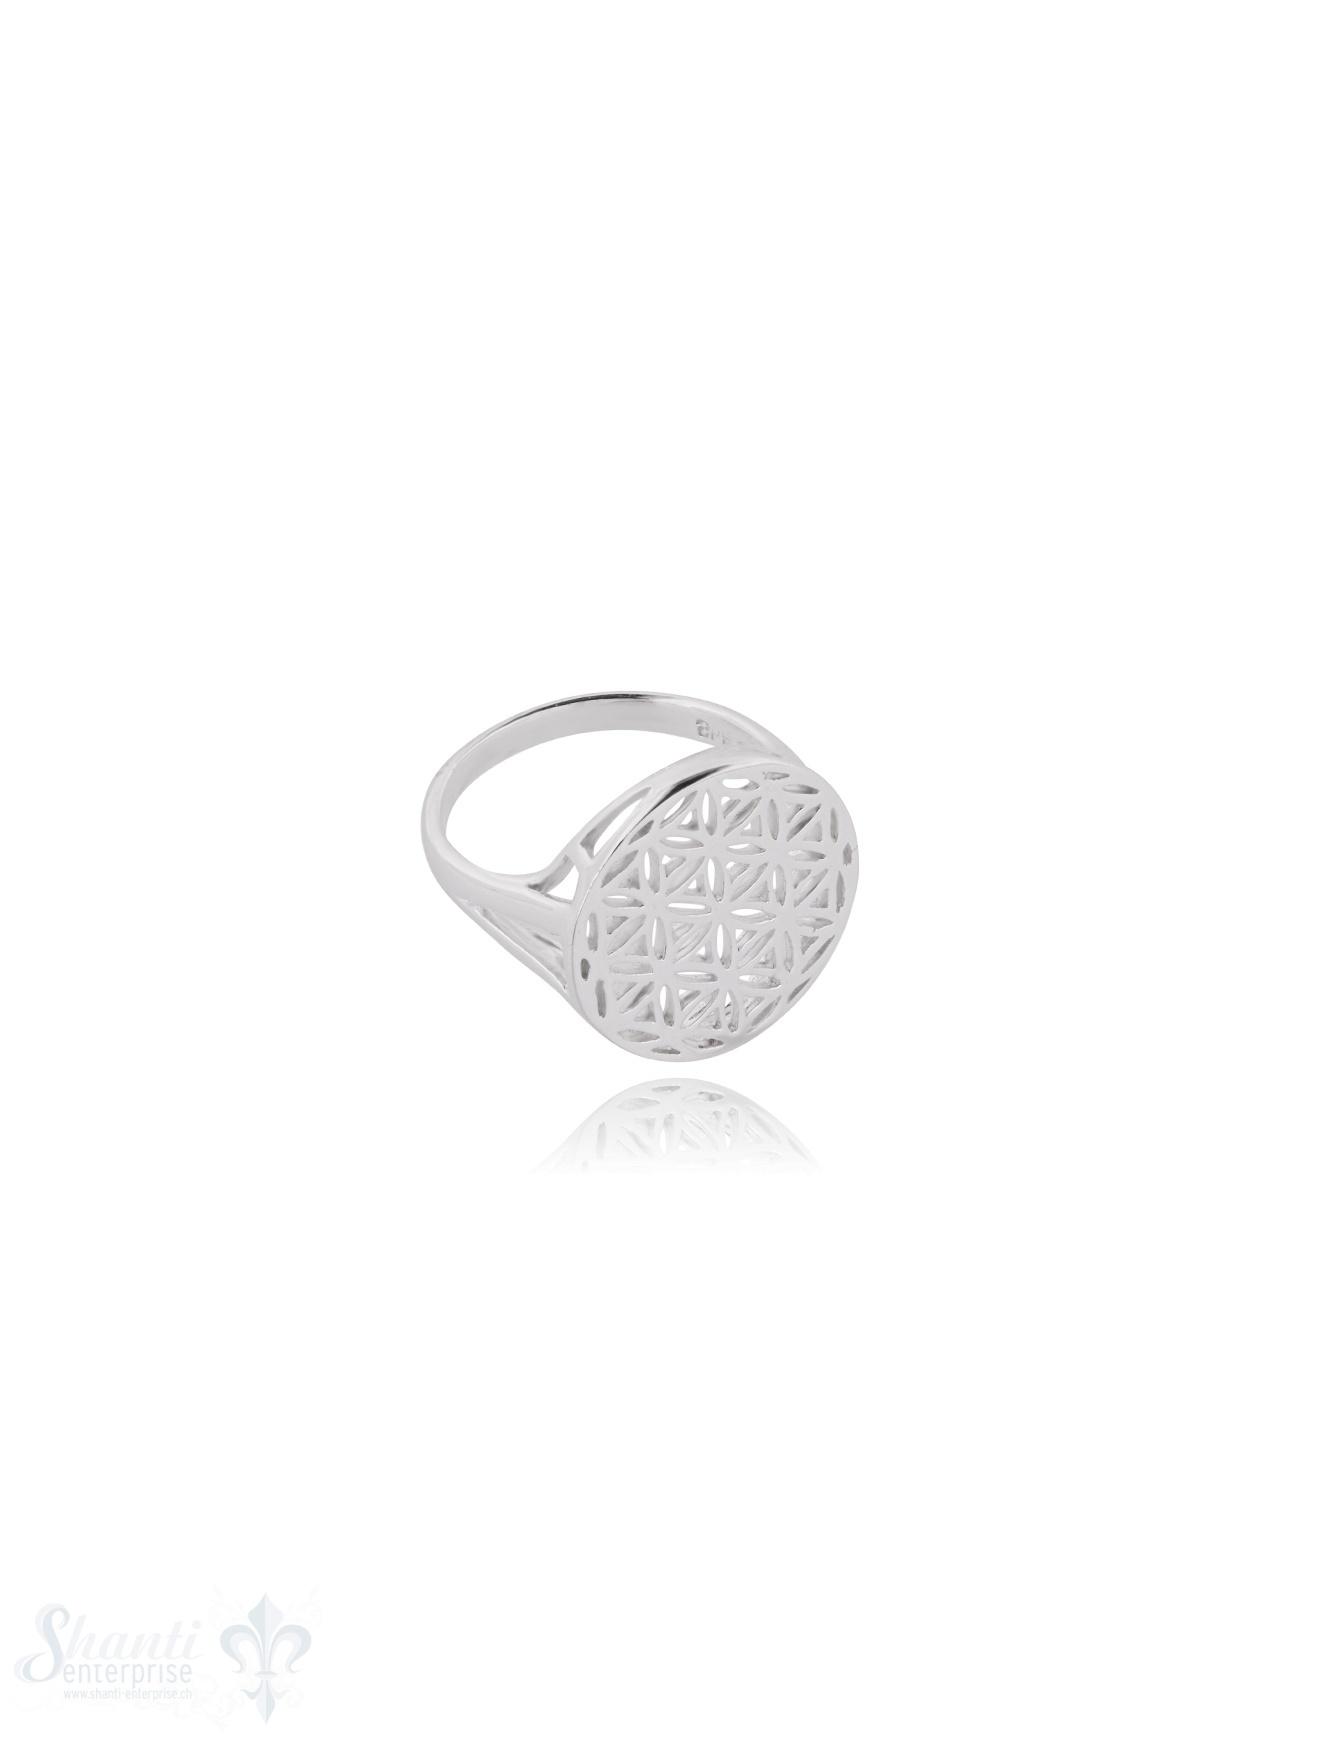 Blume des Lebens Silberring 17 mm durchbrochen Schiene im Verlauf geometrisch offen 2,5 mm Silber 925 poliert